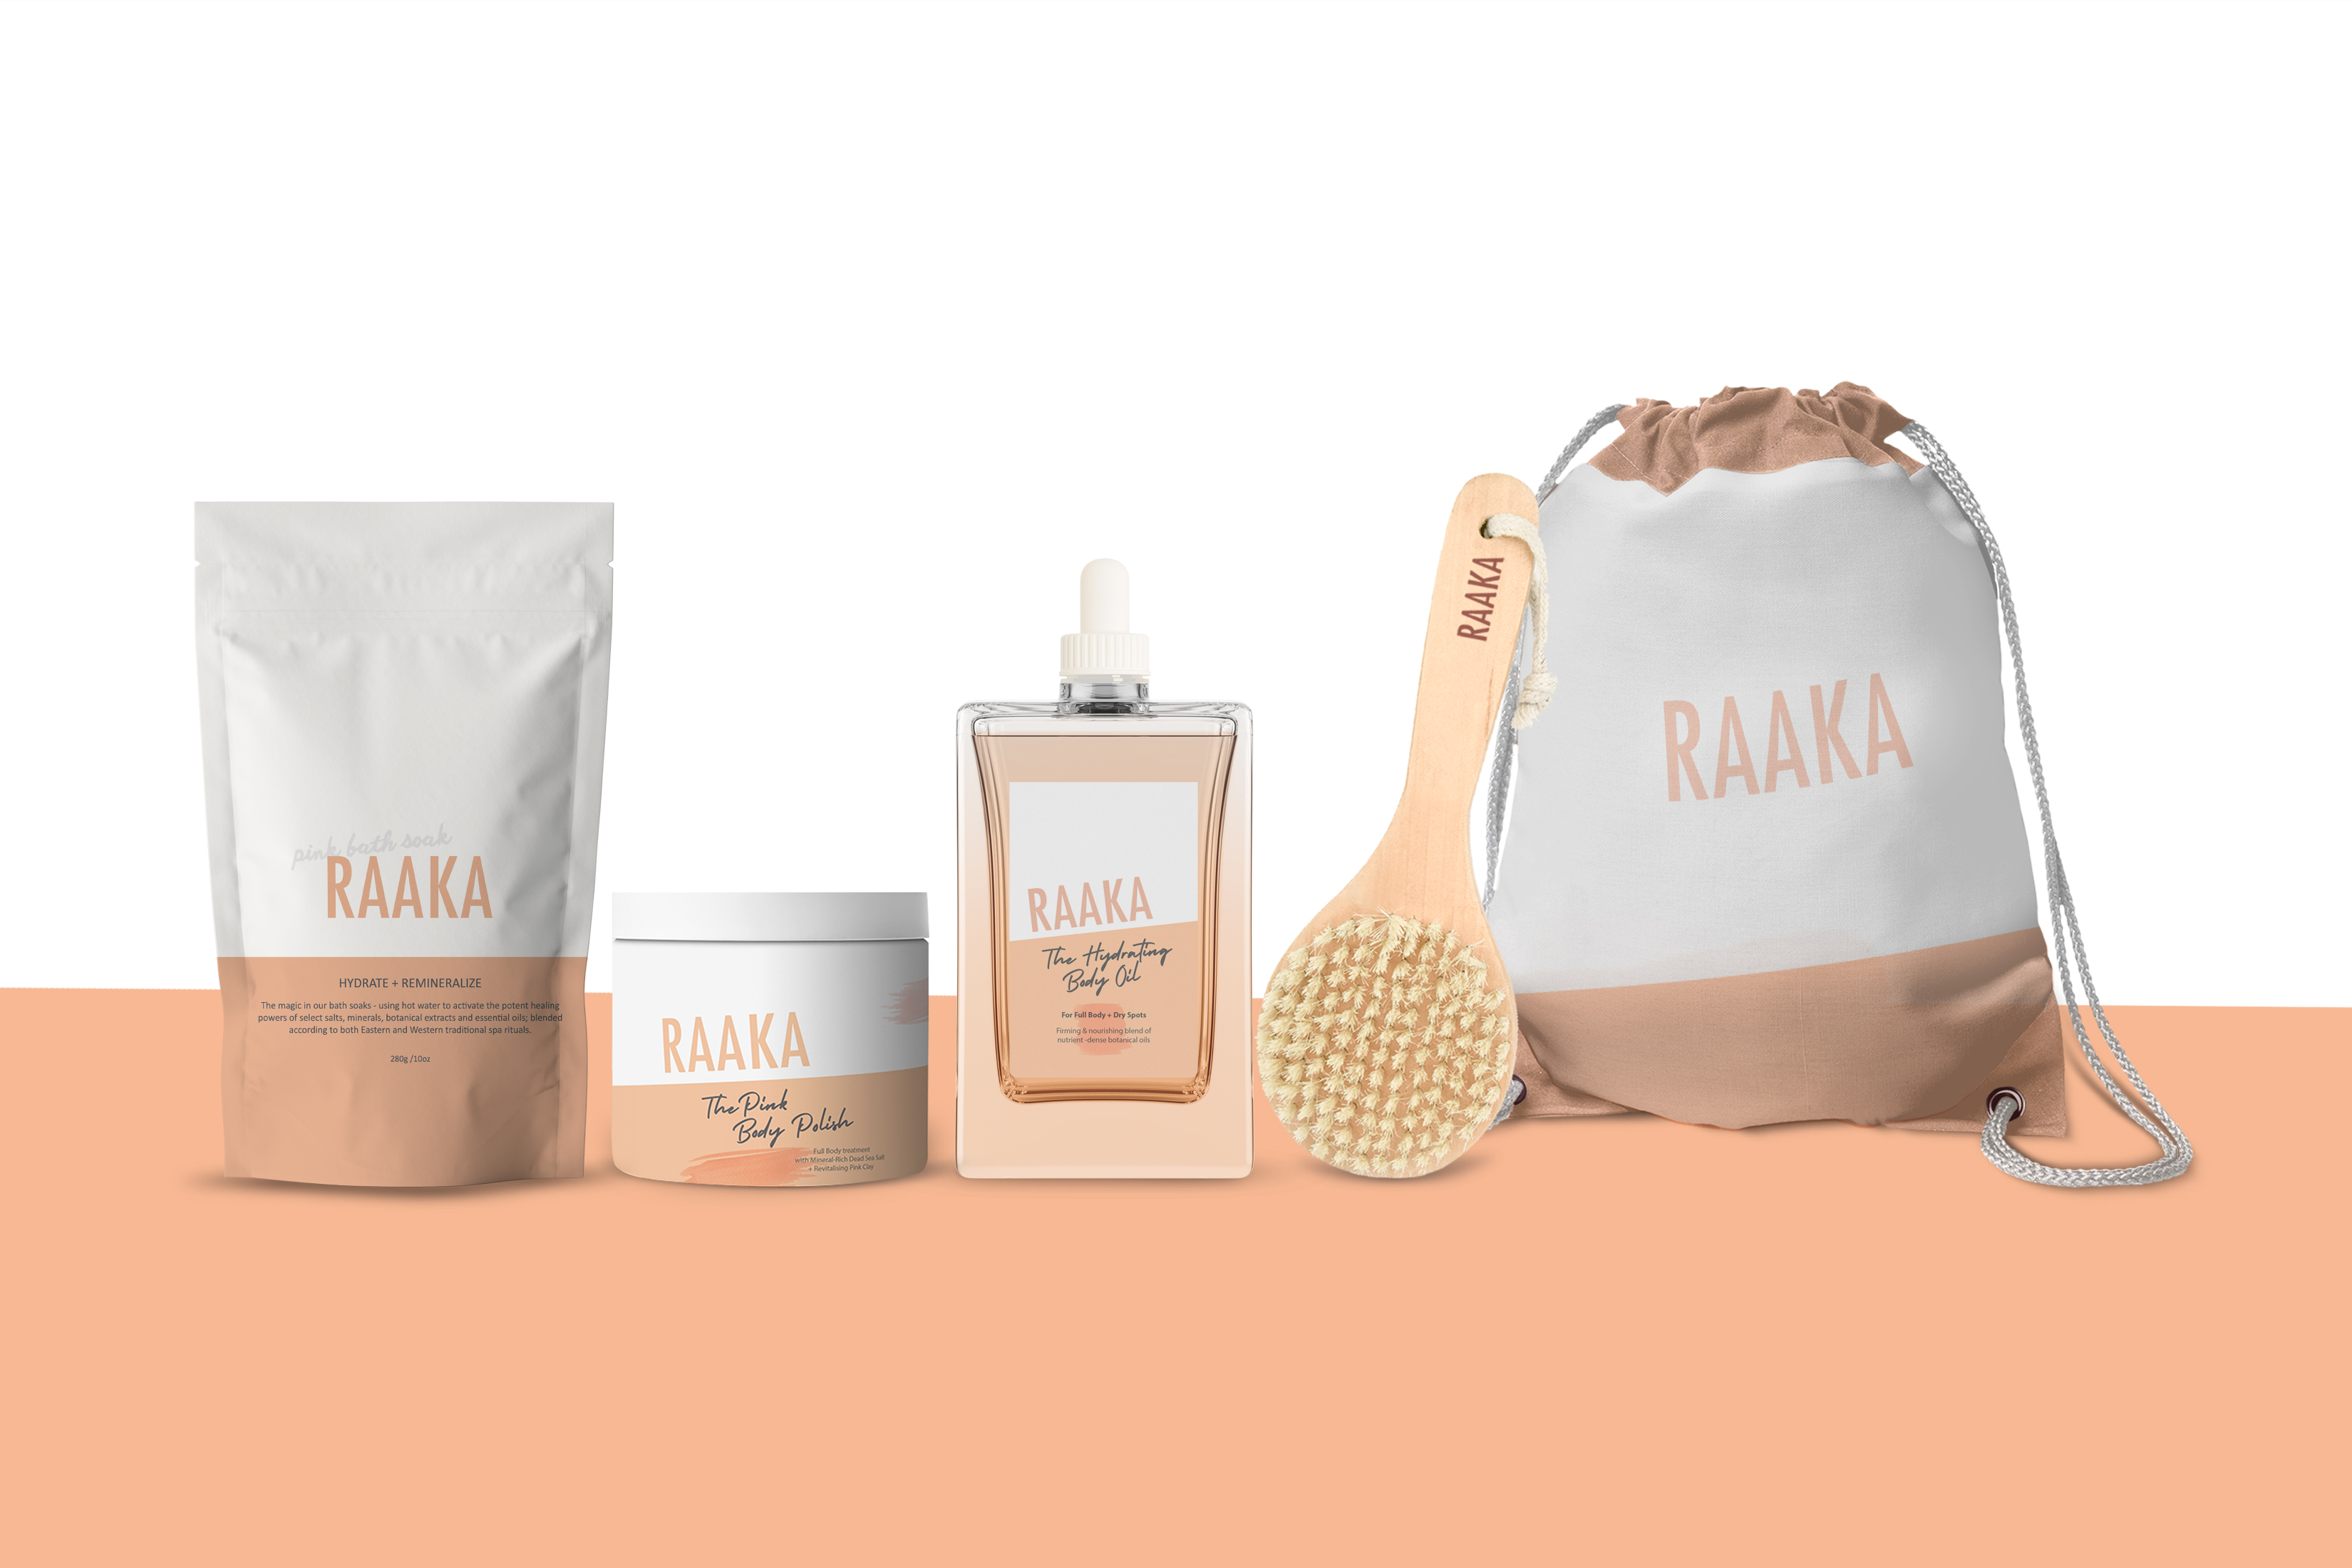 RAAKA packaging design